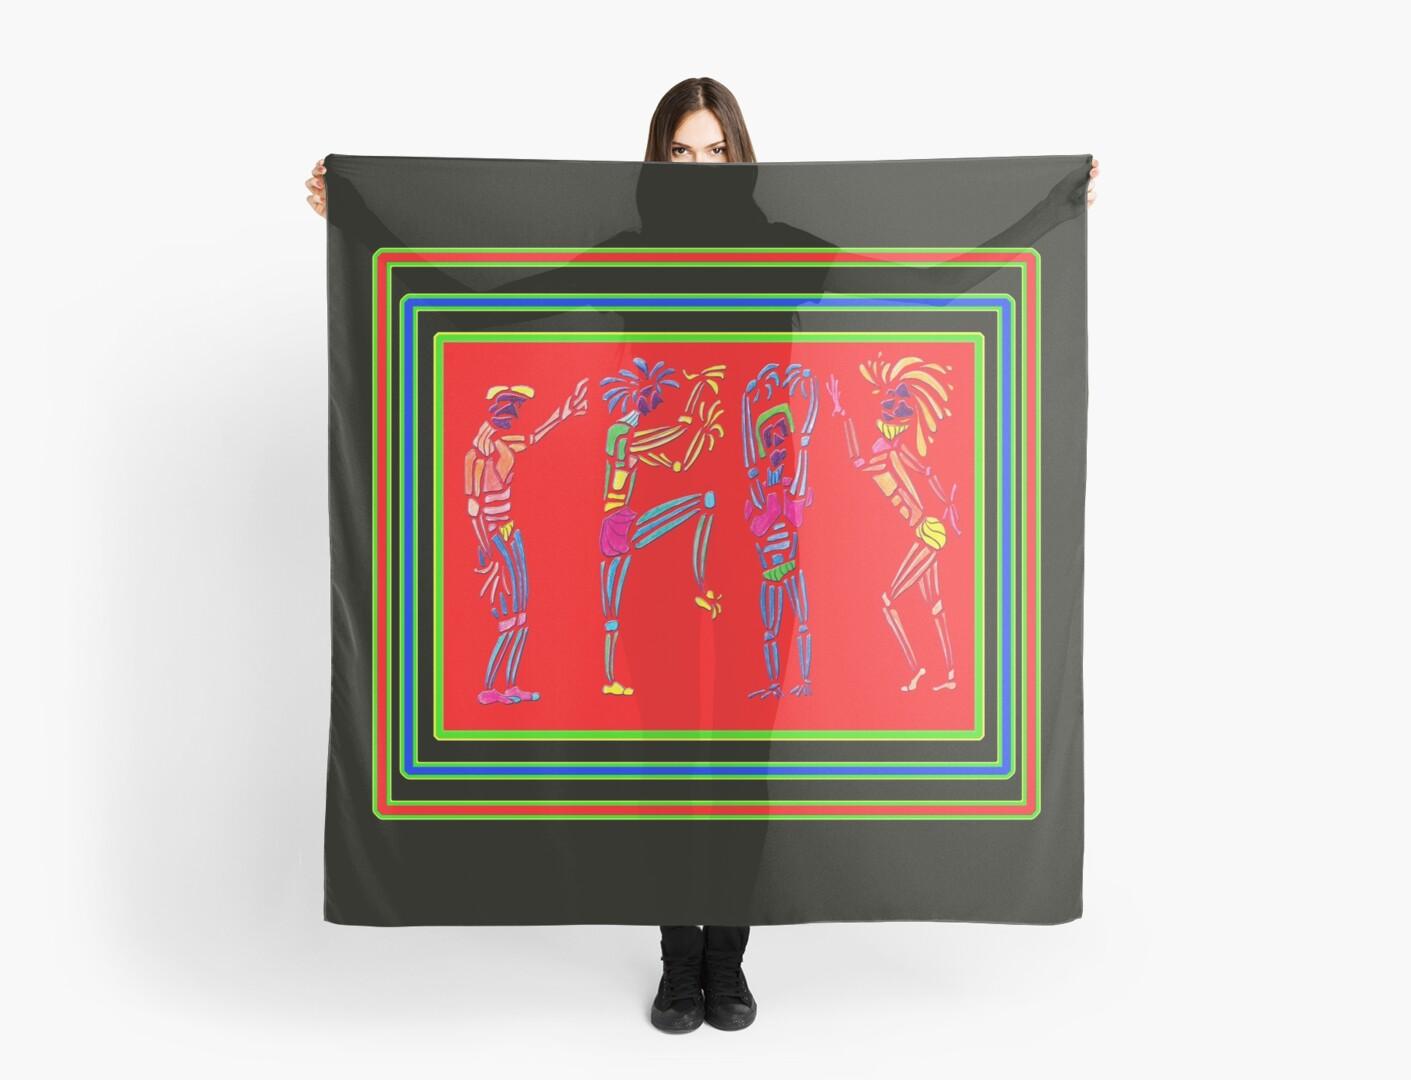 Dance Warriors Earth Dance Tranparent Overlay by JimmyGlenn Greenway